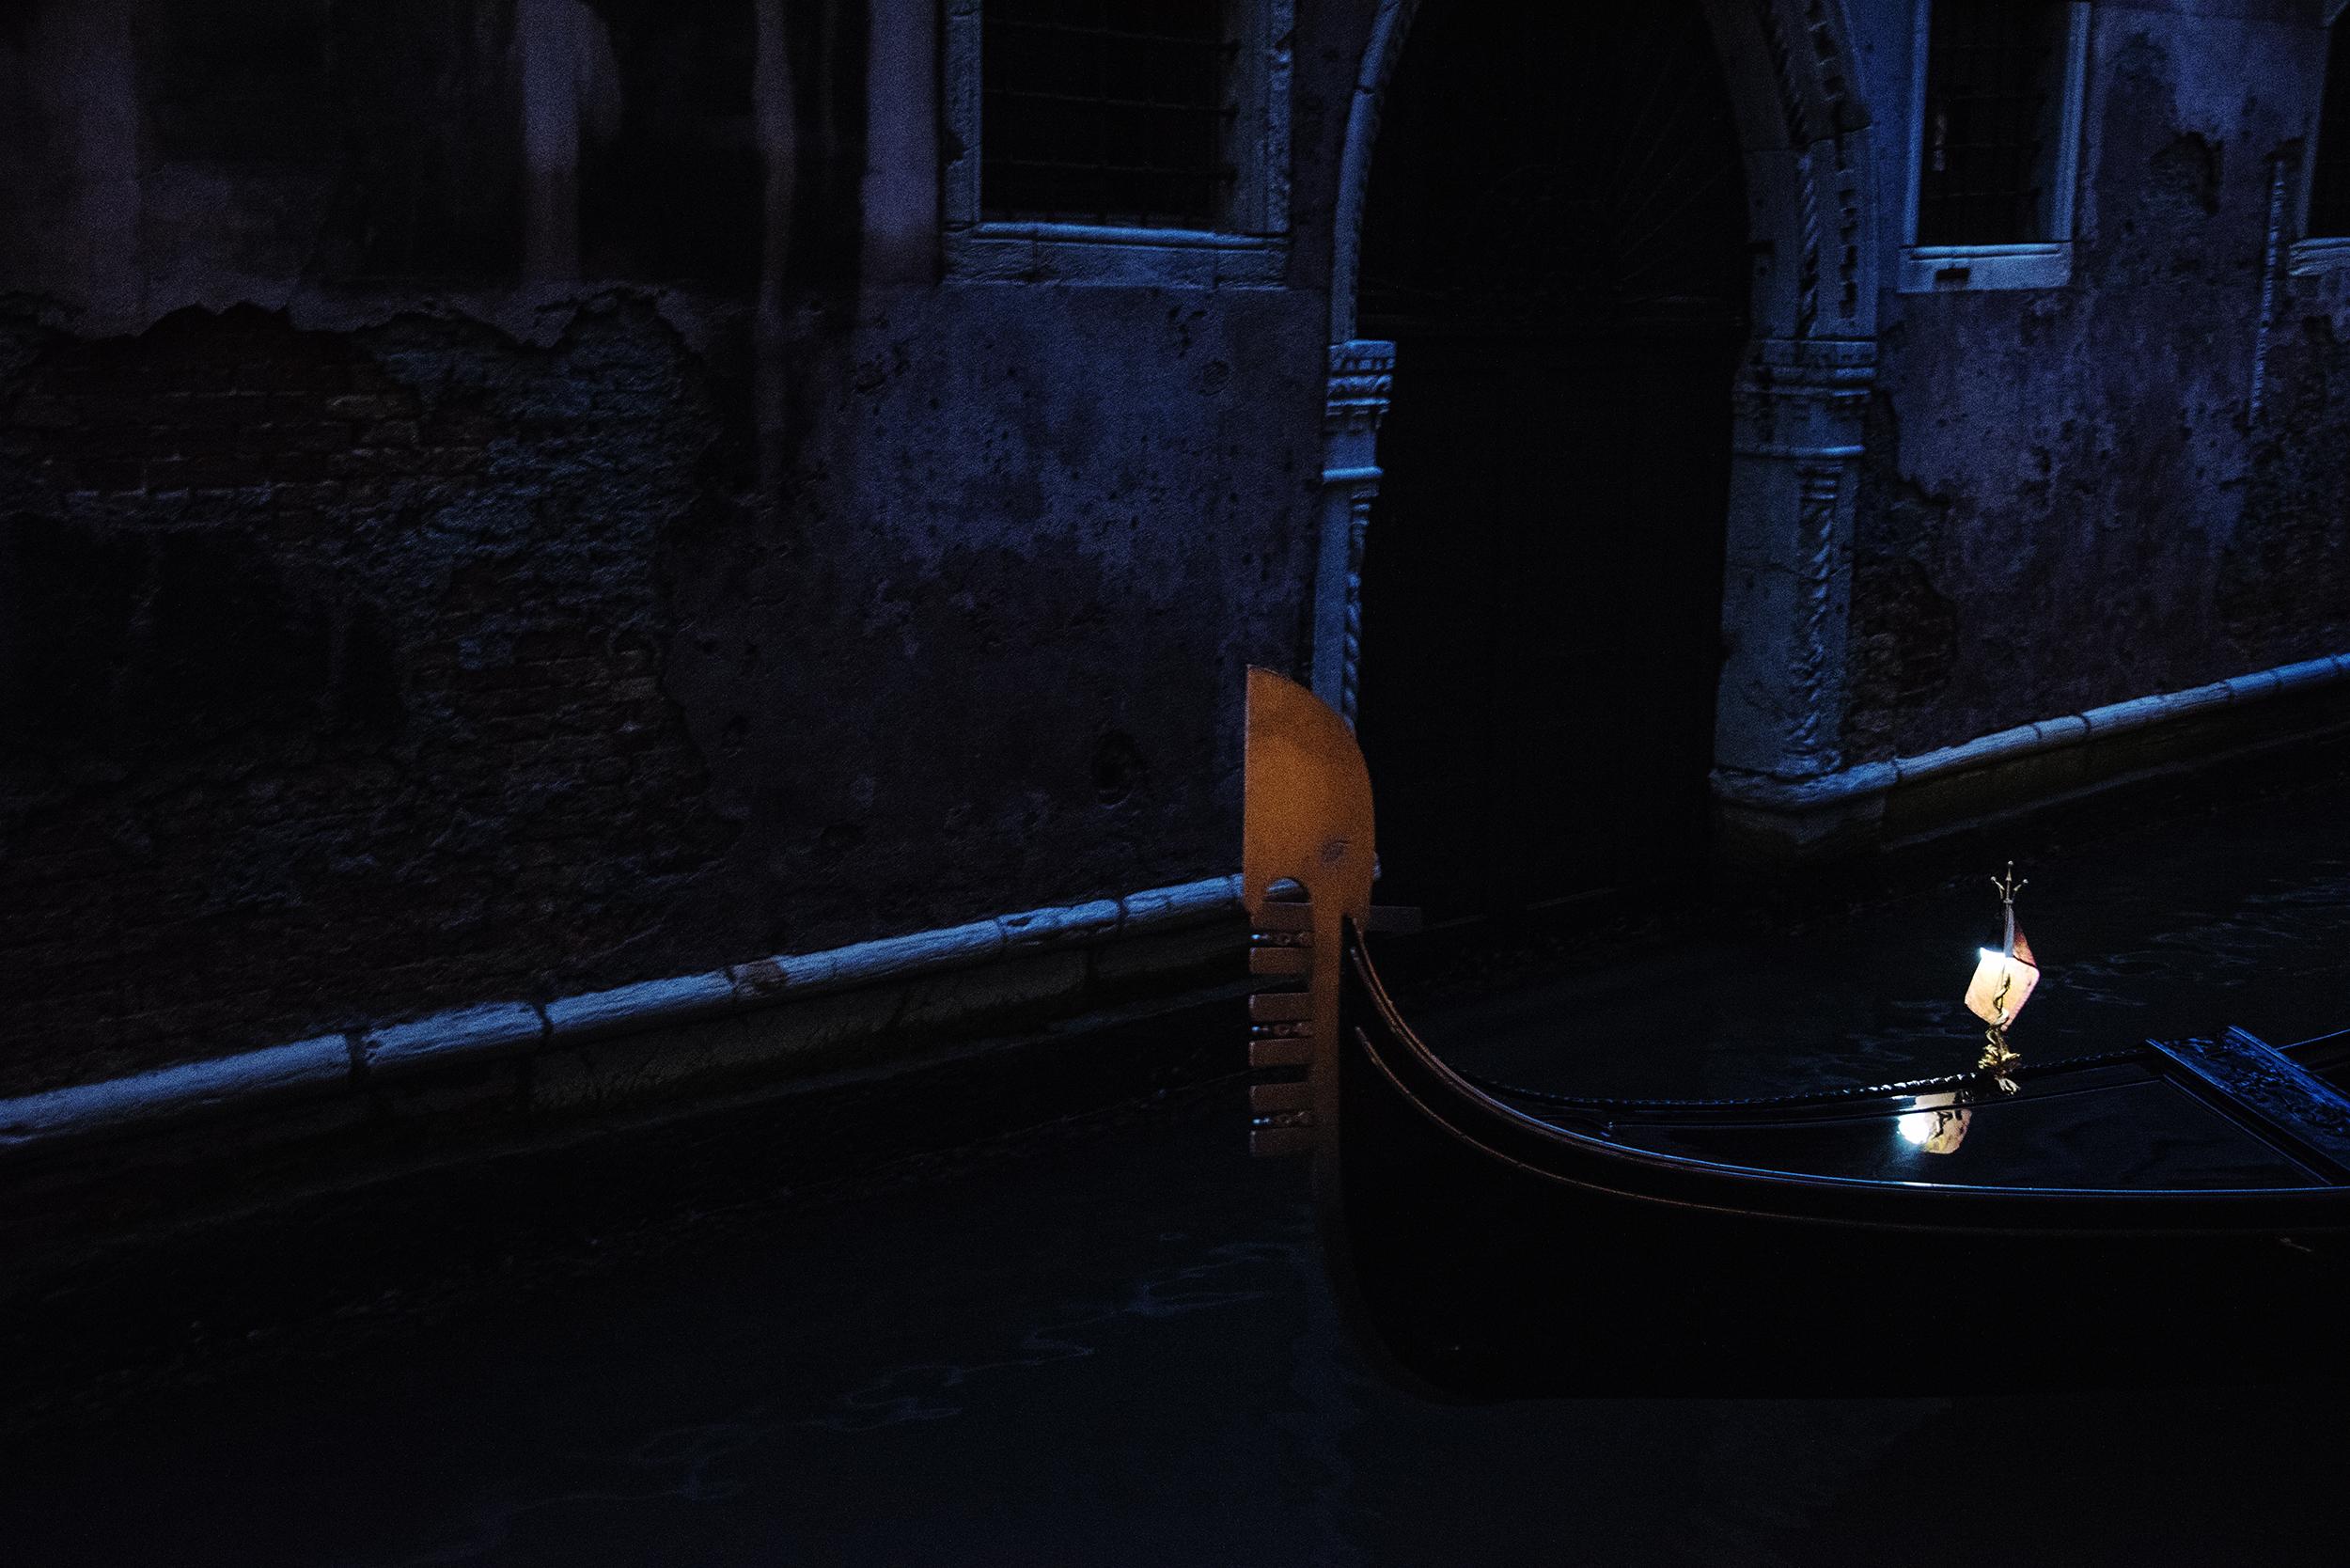 Venice Nocturne 3